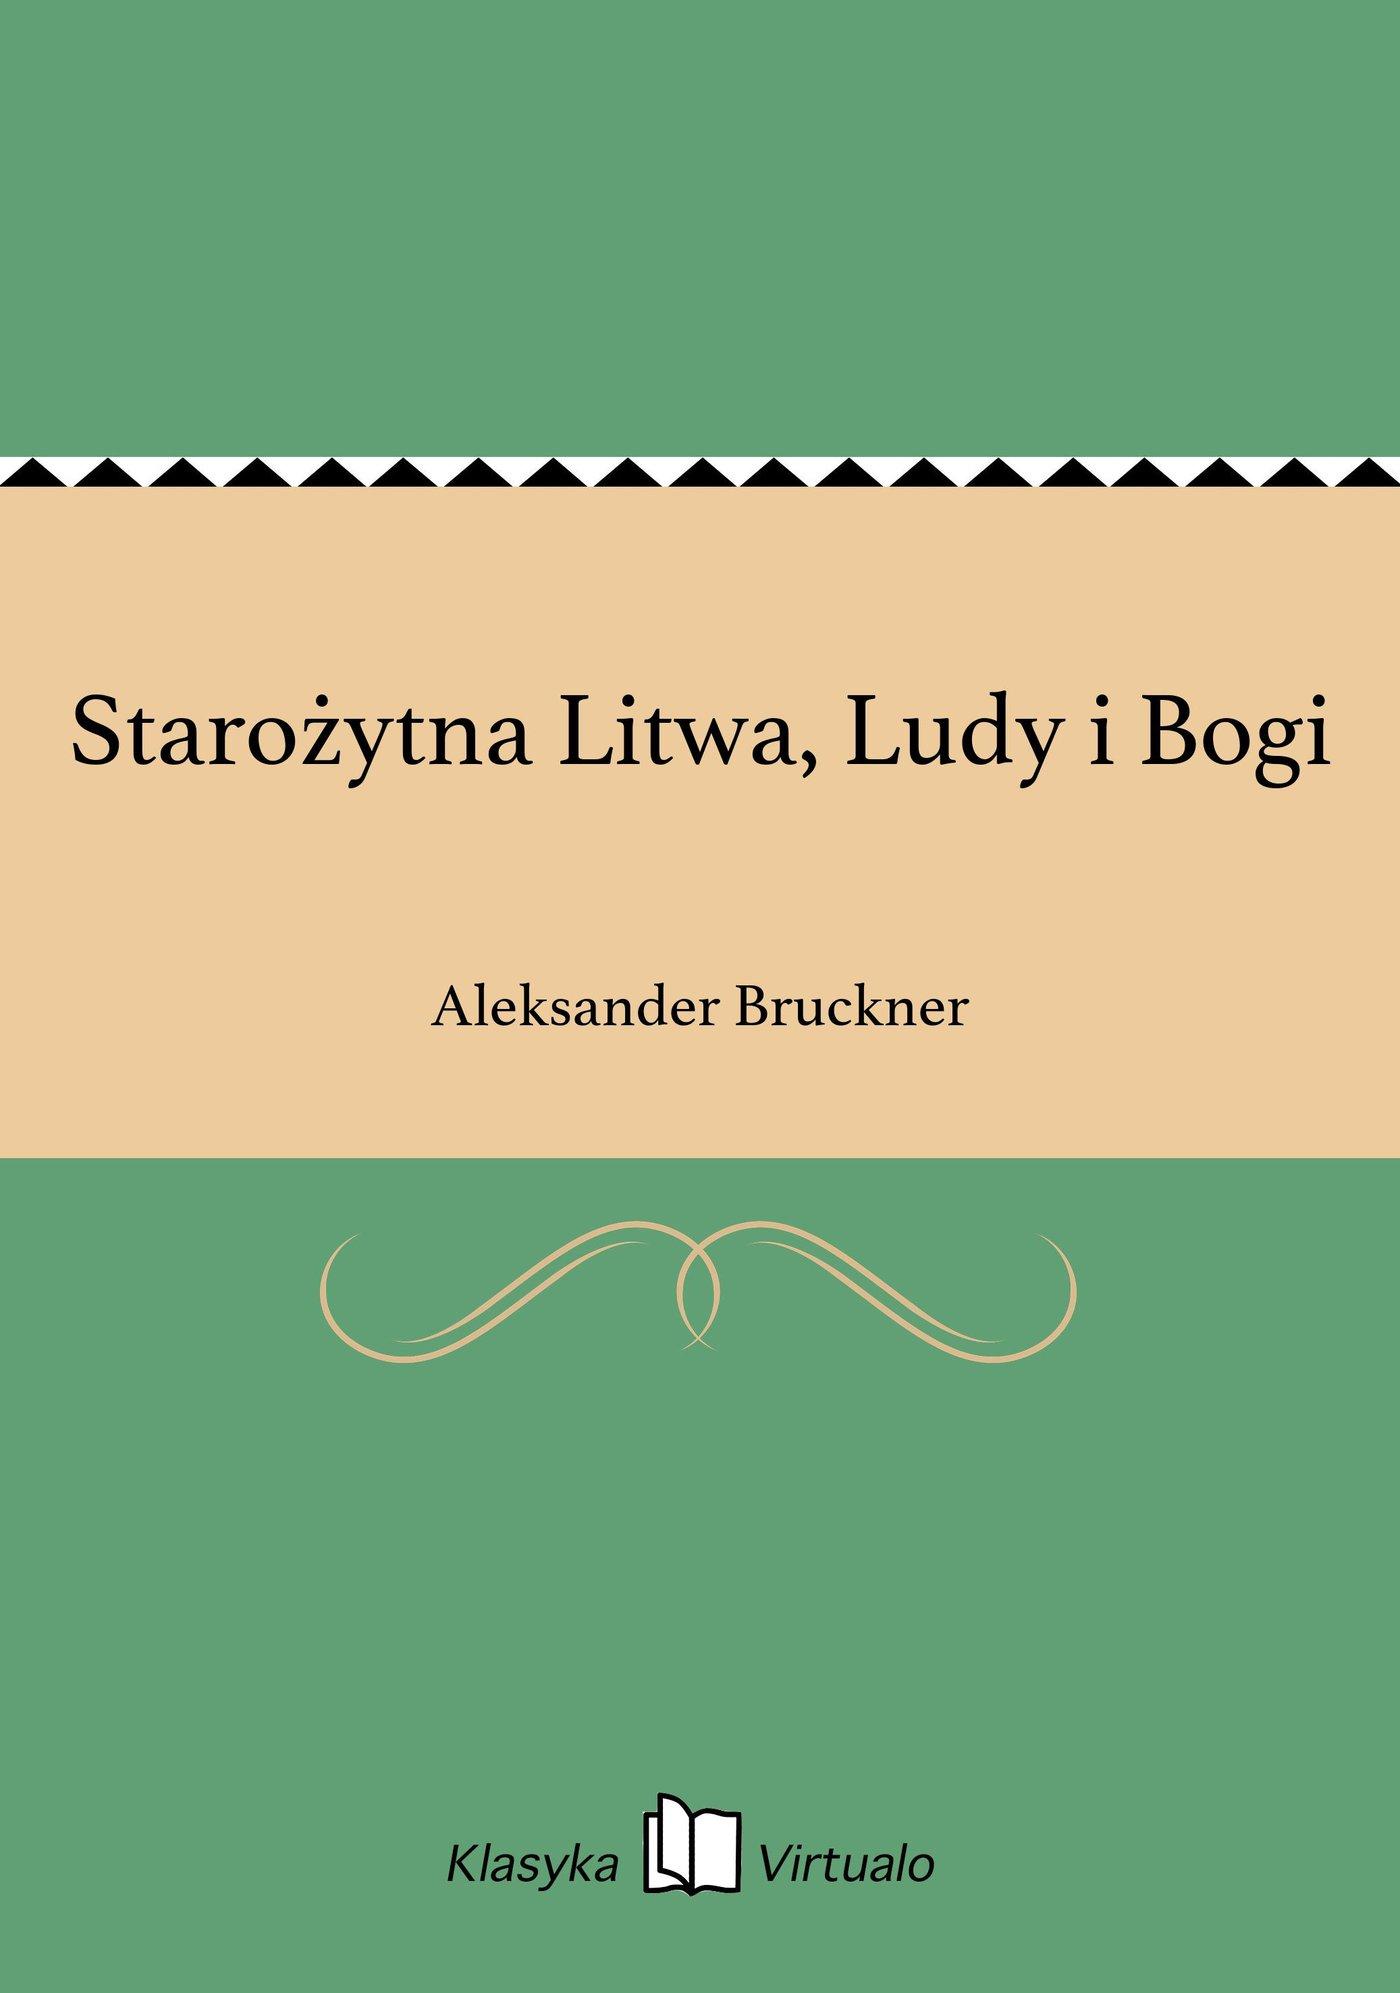 Starożytna Litwa, Ludy i Bogi - Ebook (Książka na Kindle) do pobrania w formacie MOBI